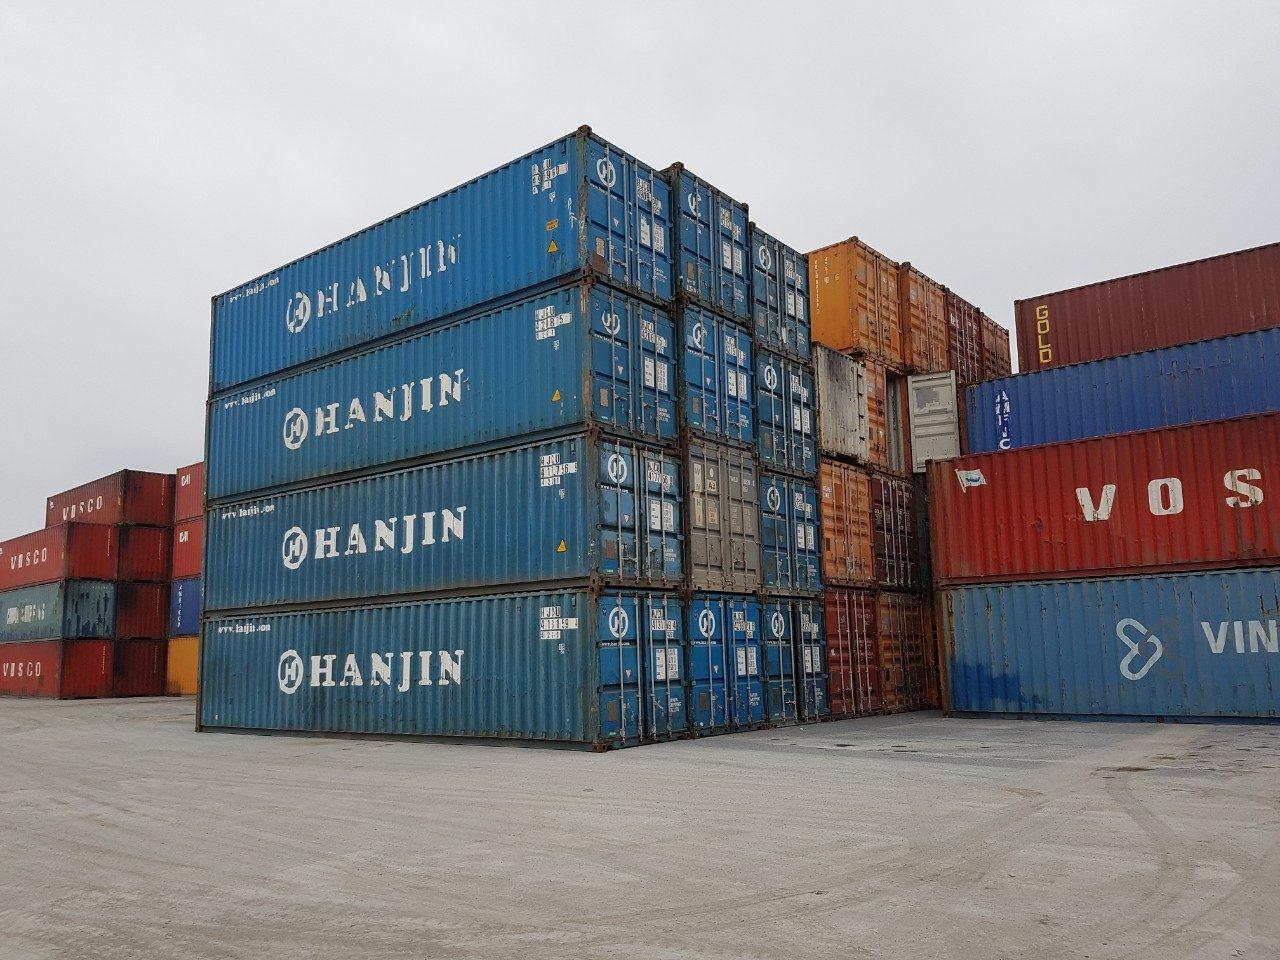 Mua bán và thanh lý container cũ giá cao tận nơi